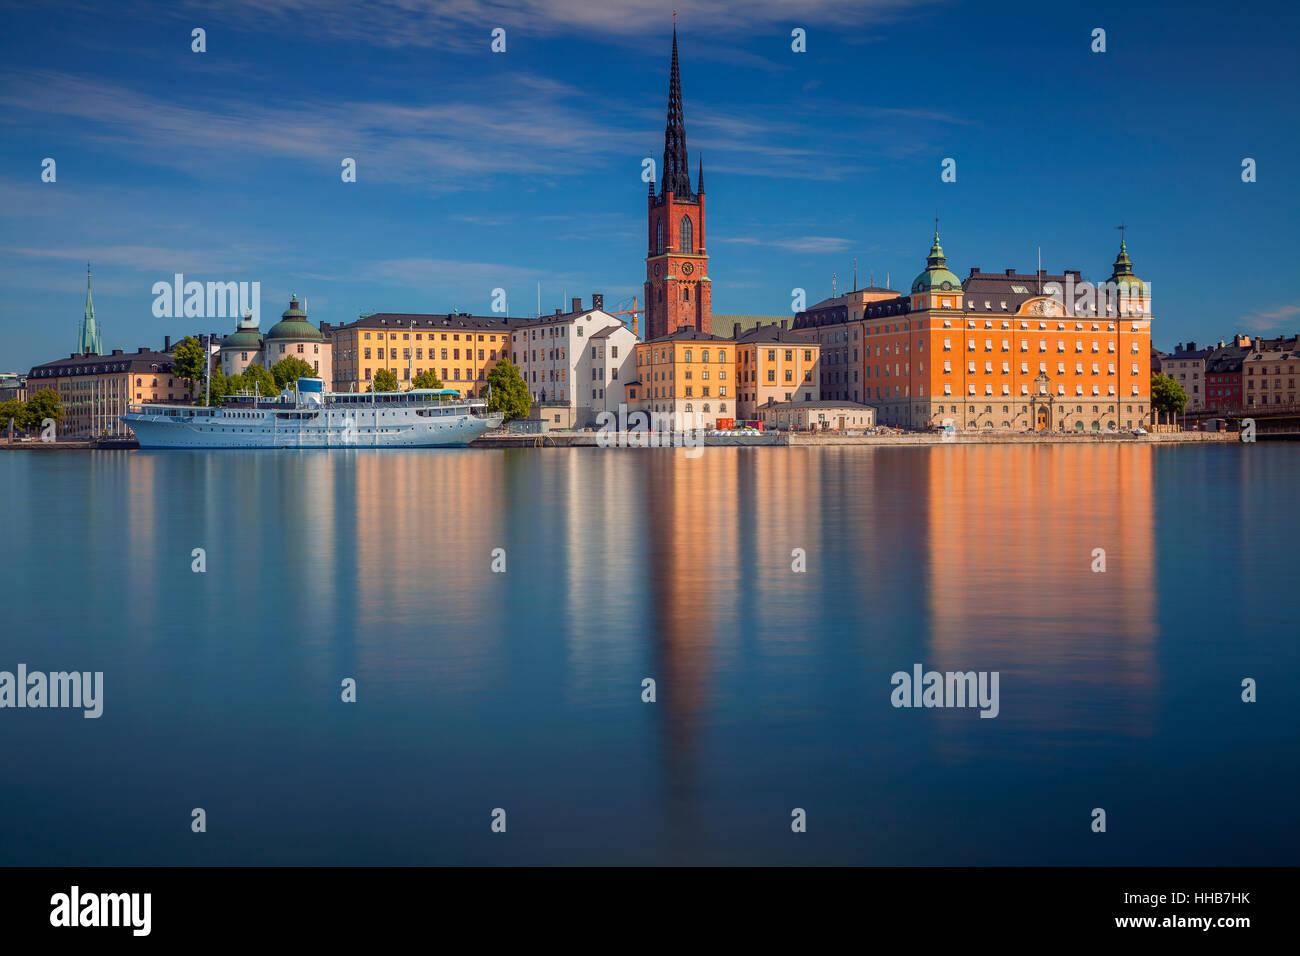 Stoccolma. Cityscape immagine di Stoccolma in Svezia durante la mattina d'estate. Immagini Stock